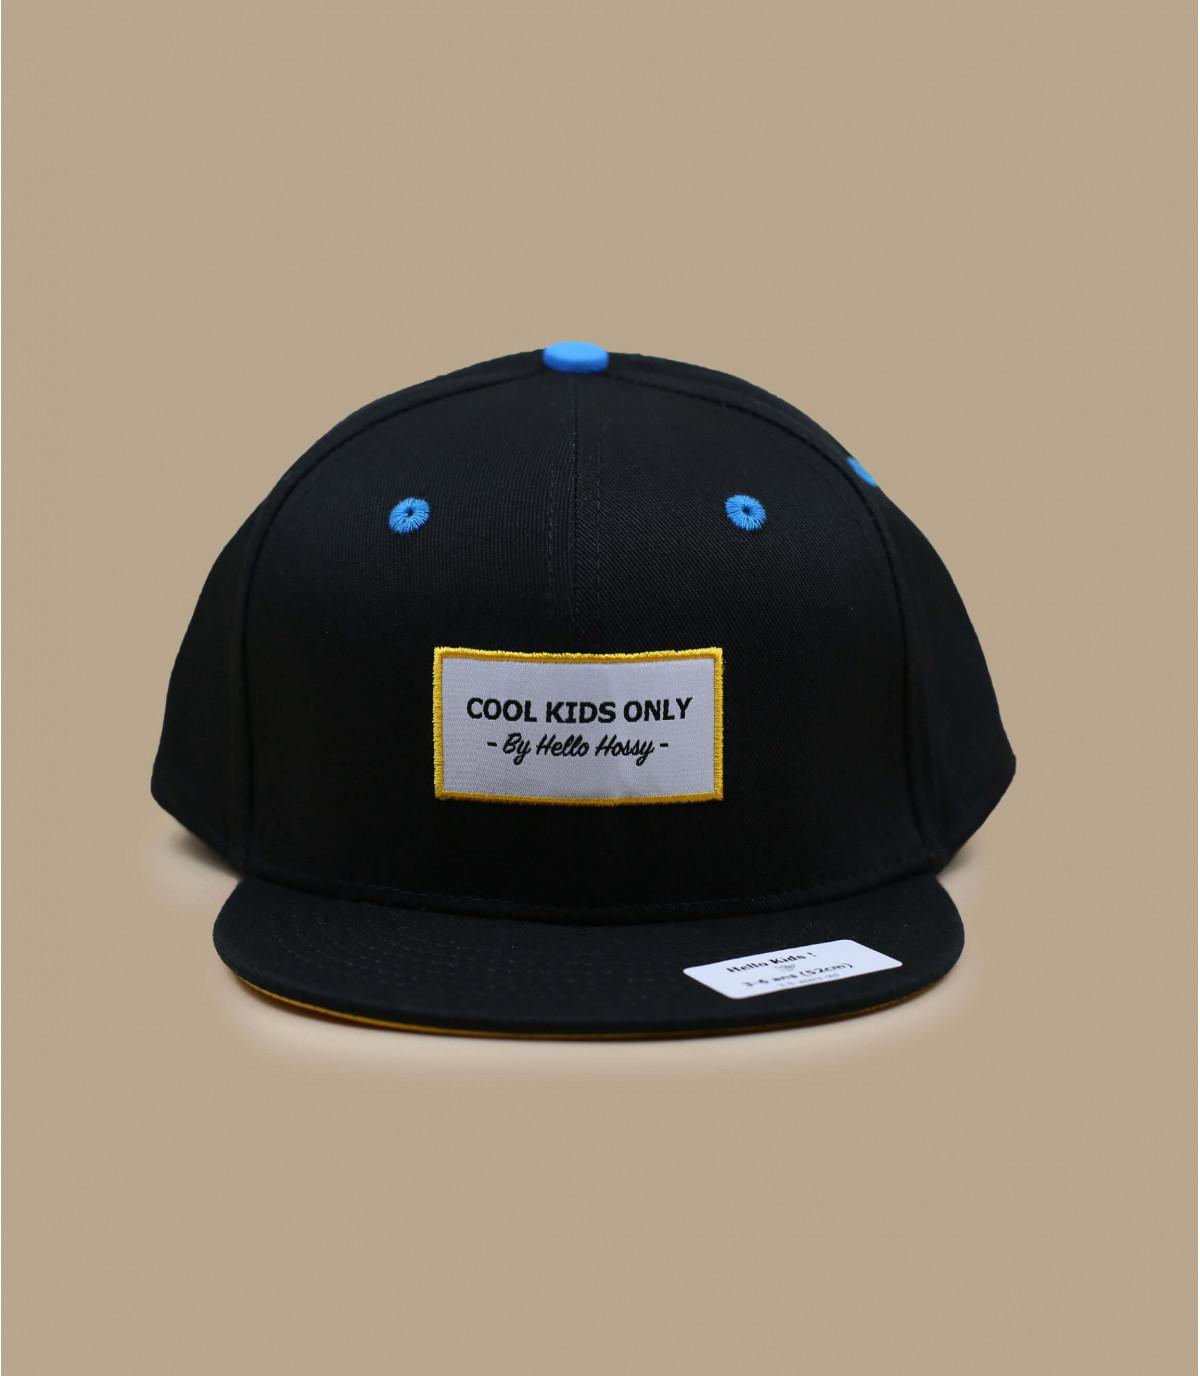 22150bf7 Snapback negra - Compra/venta de Snapbacks negras. Primera sombrerería en  línea. Entrega en 48/72horas.